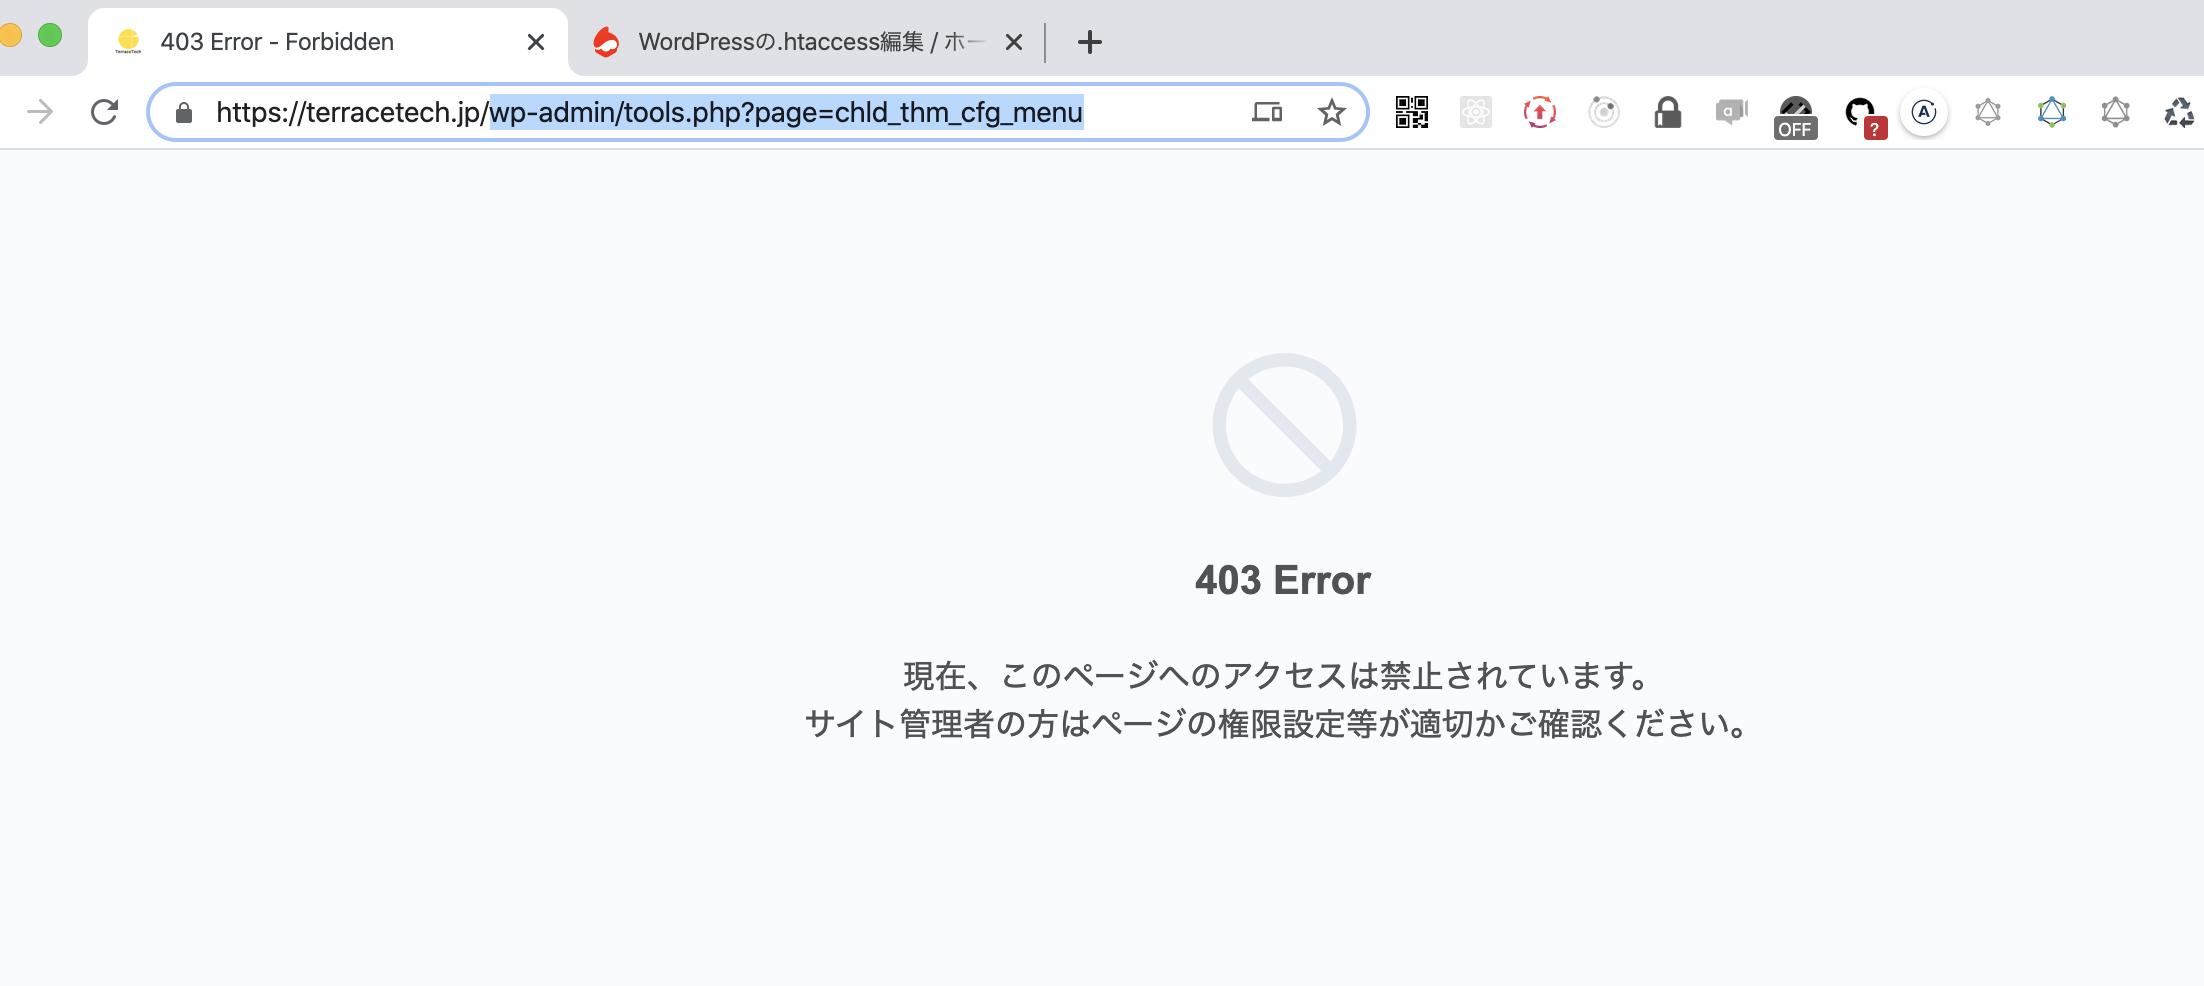 403エラー【解決!!】急に!!「現在、このページへのアクセスは禁止されています。 サイト管理者の方はページの権限設定等が適切かご確認ください」